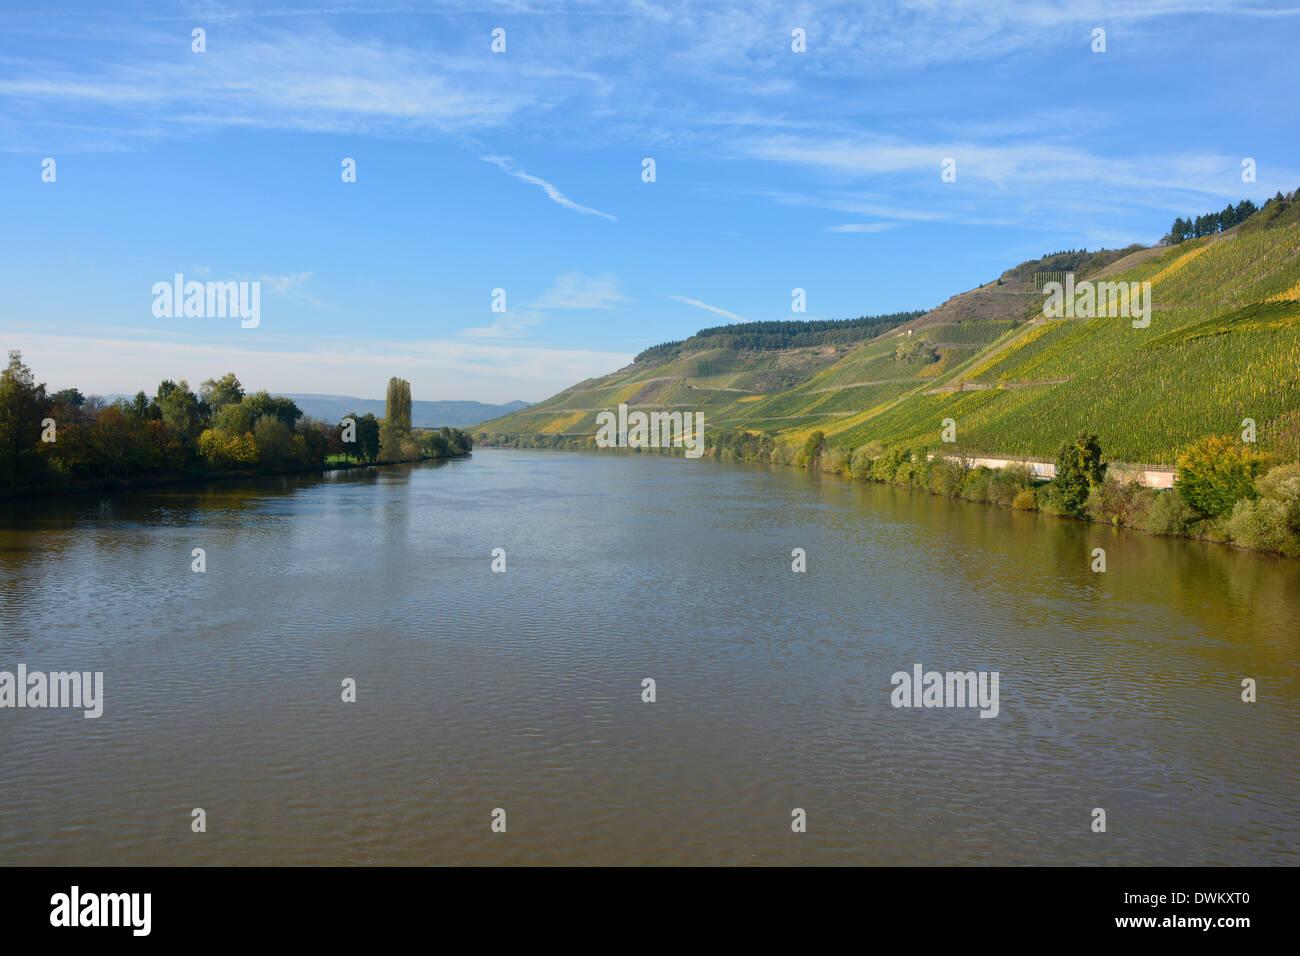 Moselle river valley vineyards landscape blue sky Germany Mosel Flusslandschaft Mosellandschaft Weinberge blauer Himmel Stock Photo